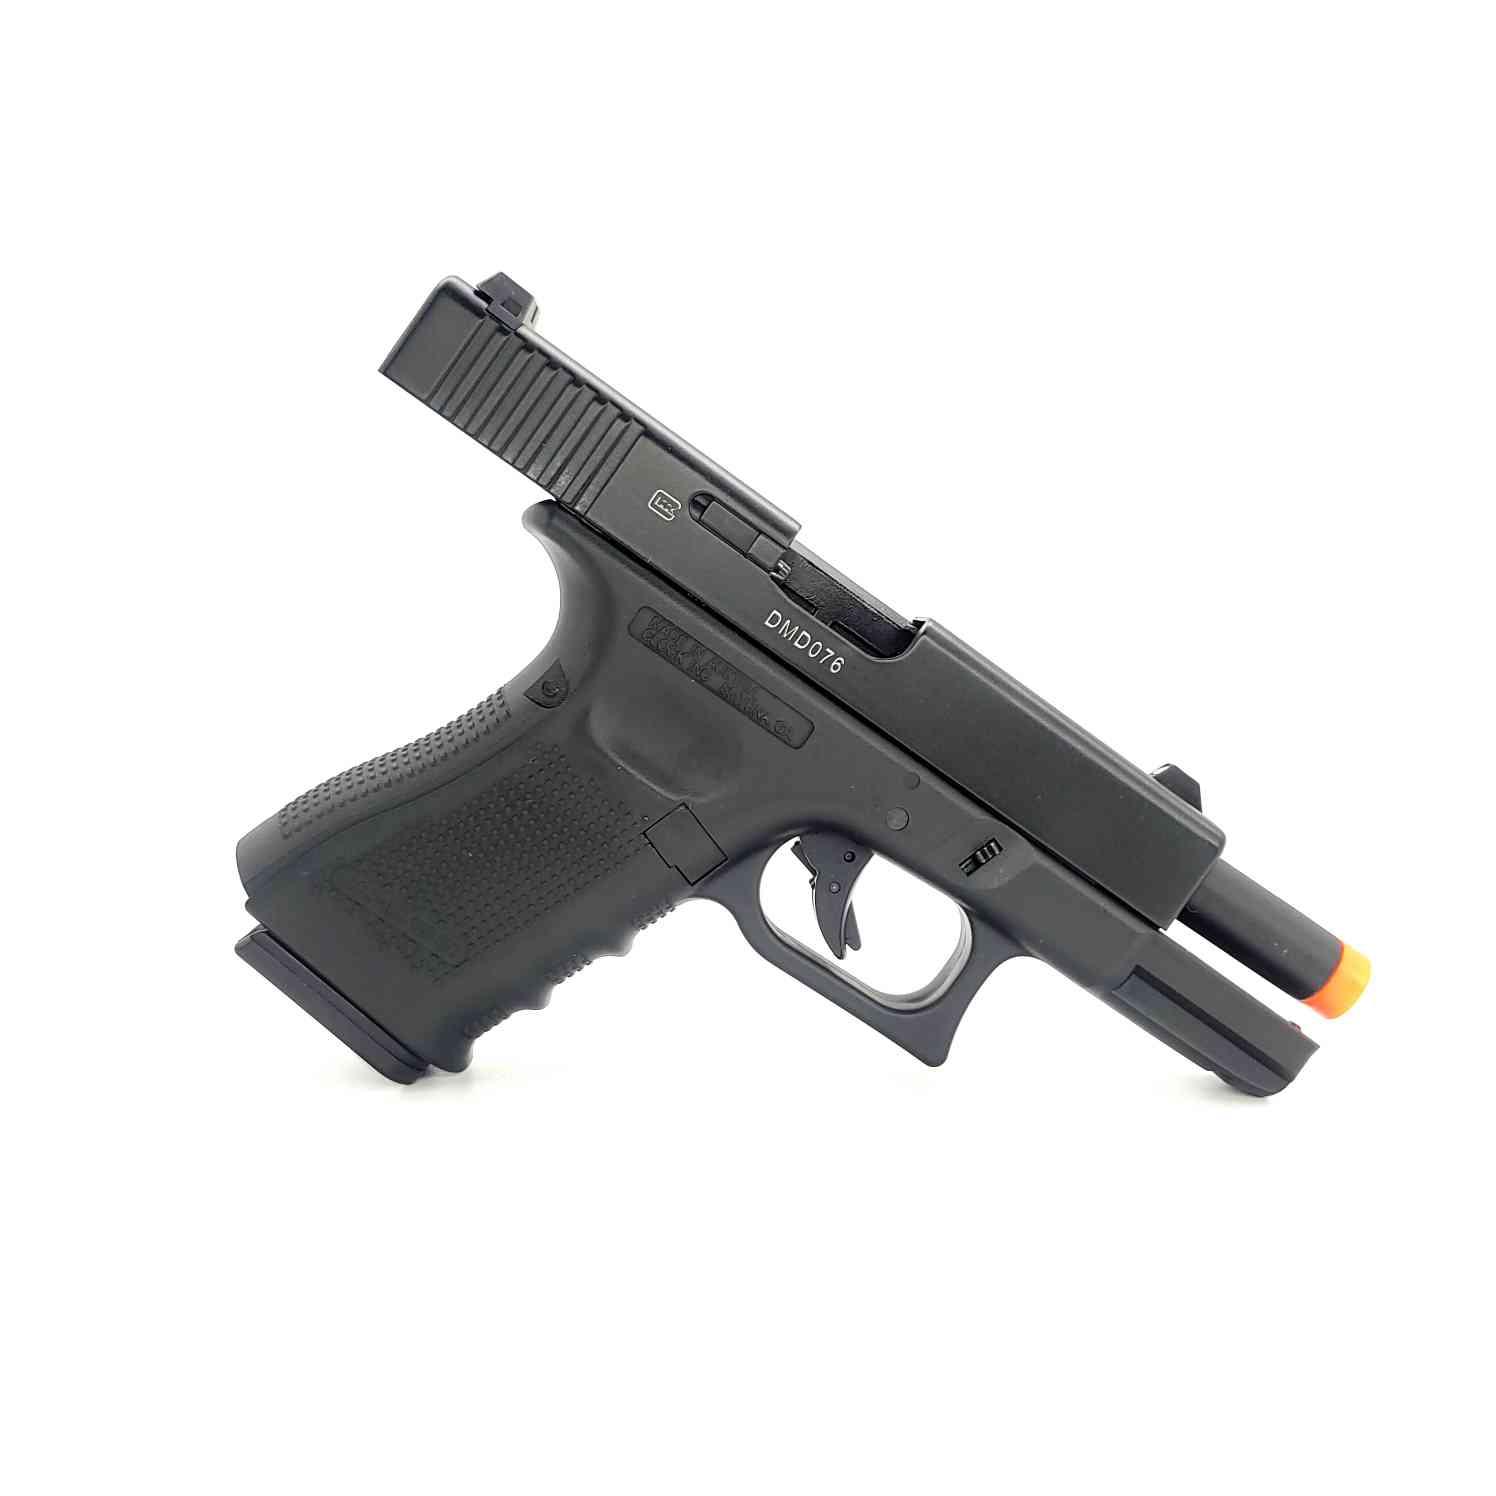 DOUBLE BELL Glock G19 Gas Powered Gel Blaster [772] Renegade Blasters